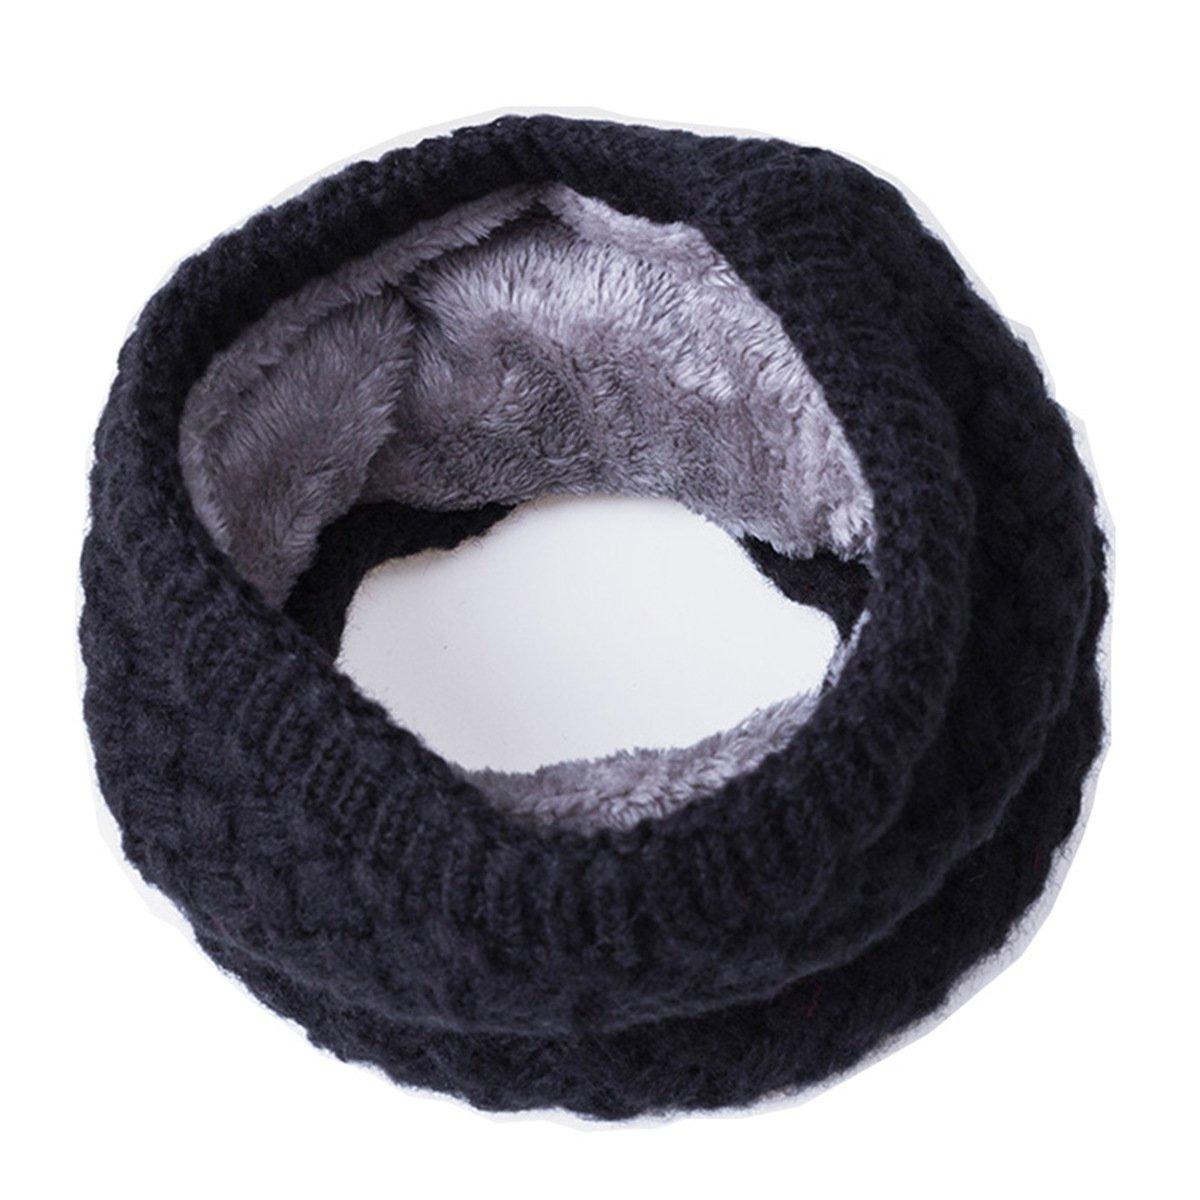 Children Winter Warm Scarf Thickened Wool Collar Scarves Neckerchief,Black